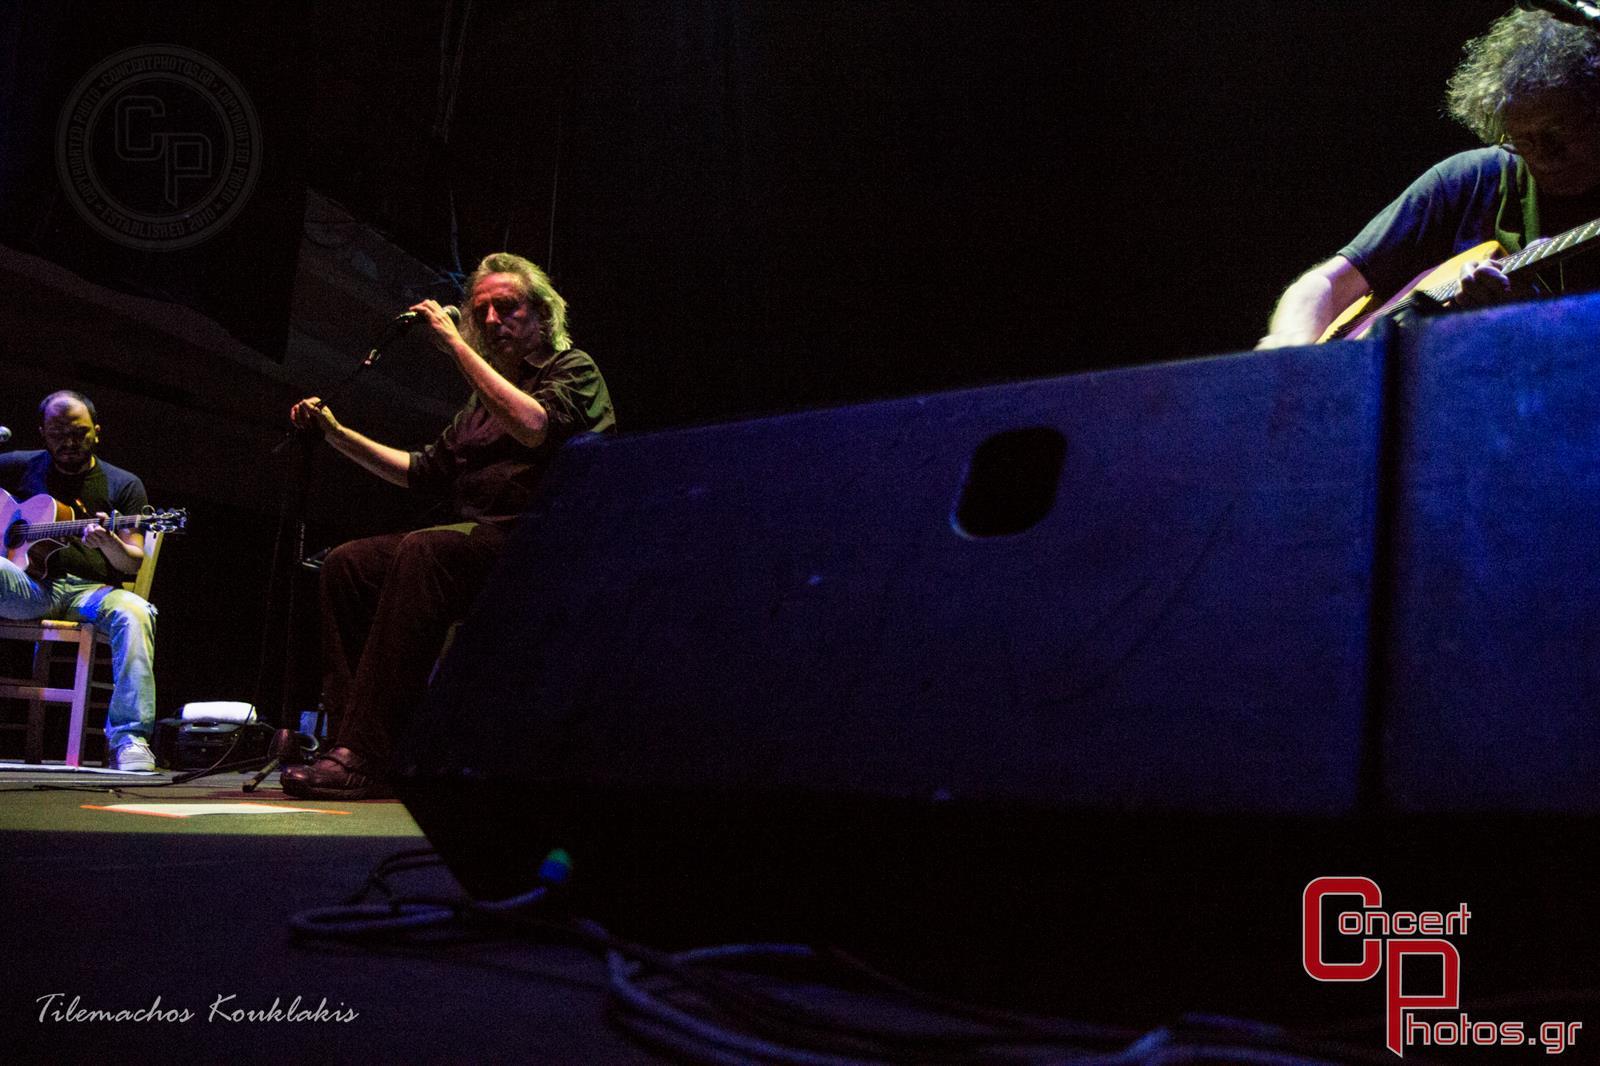 Γιάννης Αγγελάκας - Σύννεφα με Παντελόνια-Aggelakas-2 photographer:  - concertphotos_-1405153076